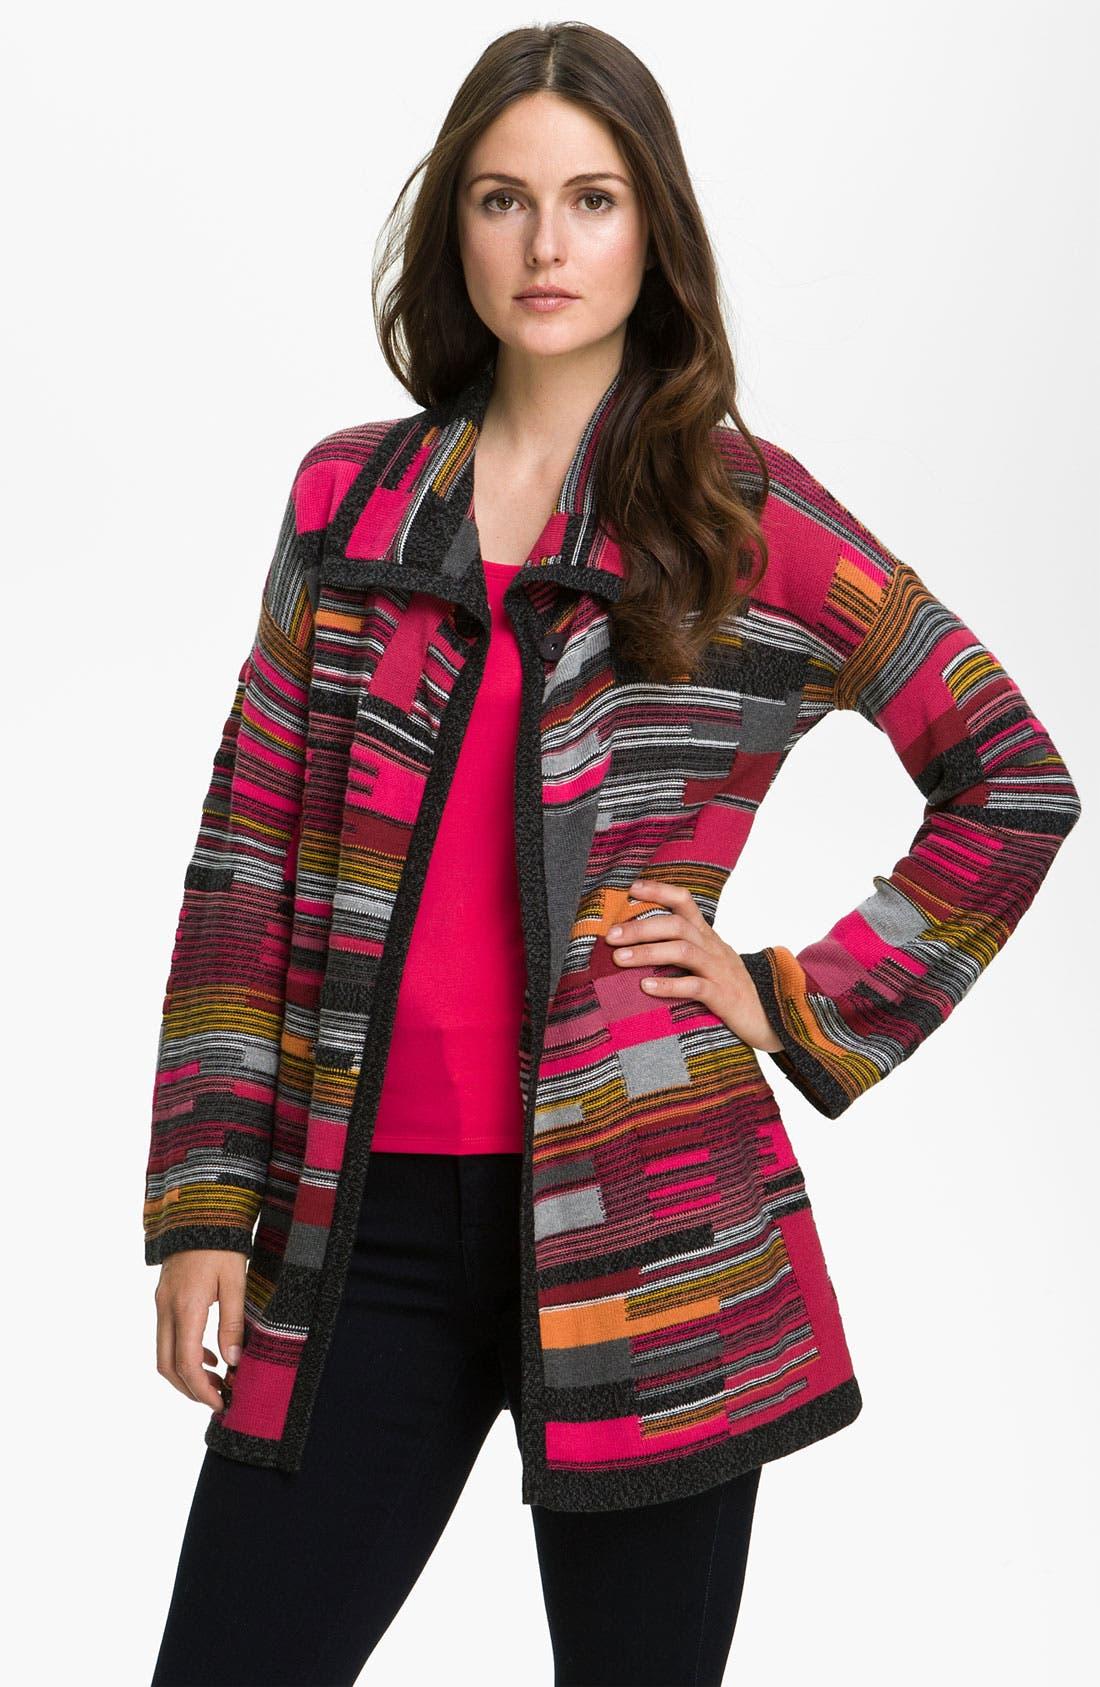 Alternate Image 1 Selected - Nic + Zoe 'Puzzle' Knit Jacket